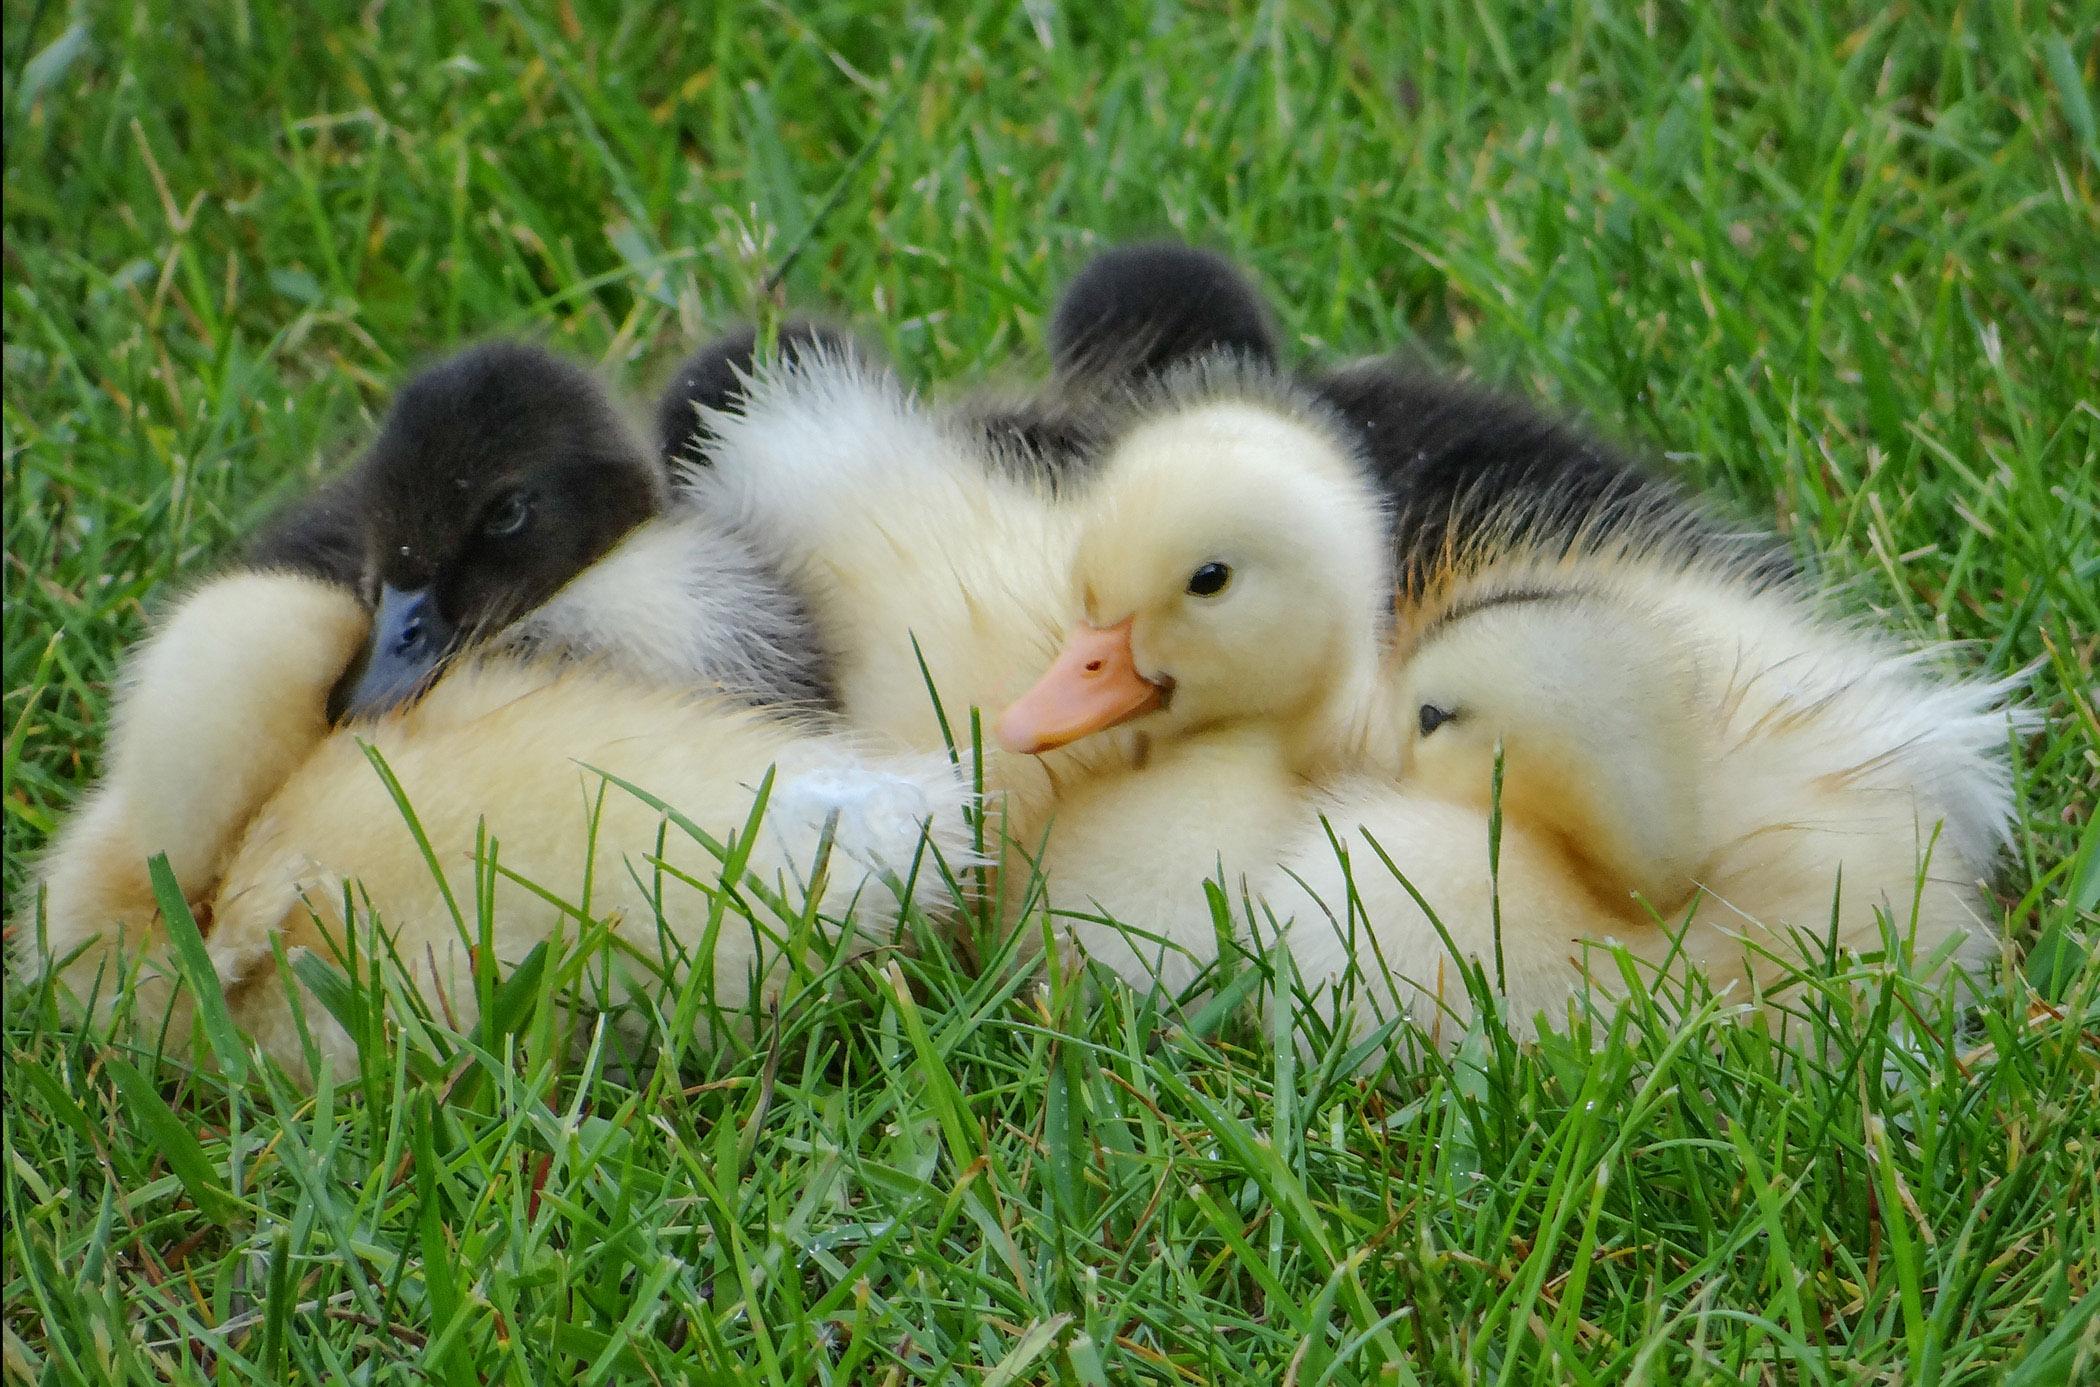 Nesting Babies - Roger Swacker